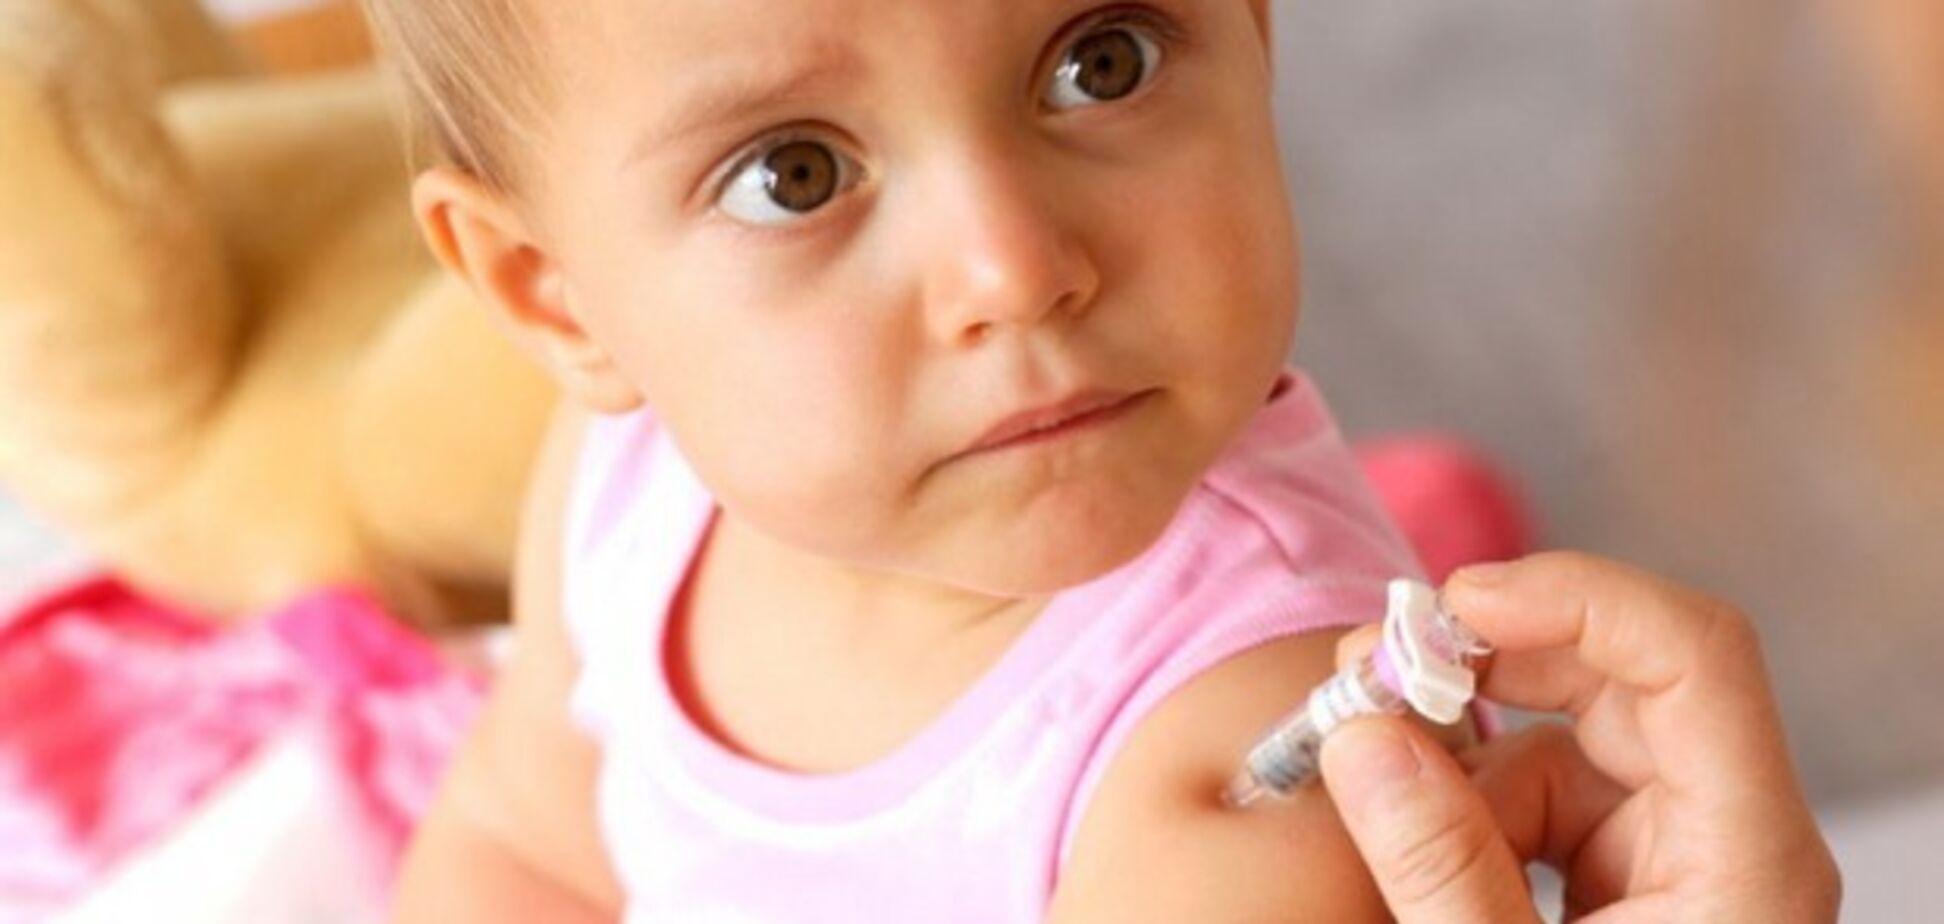 Жертвами стали дети: в Украине разгорелся громкий скандал из-за контрабандной вакцины